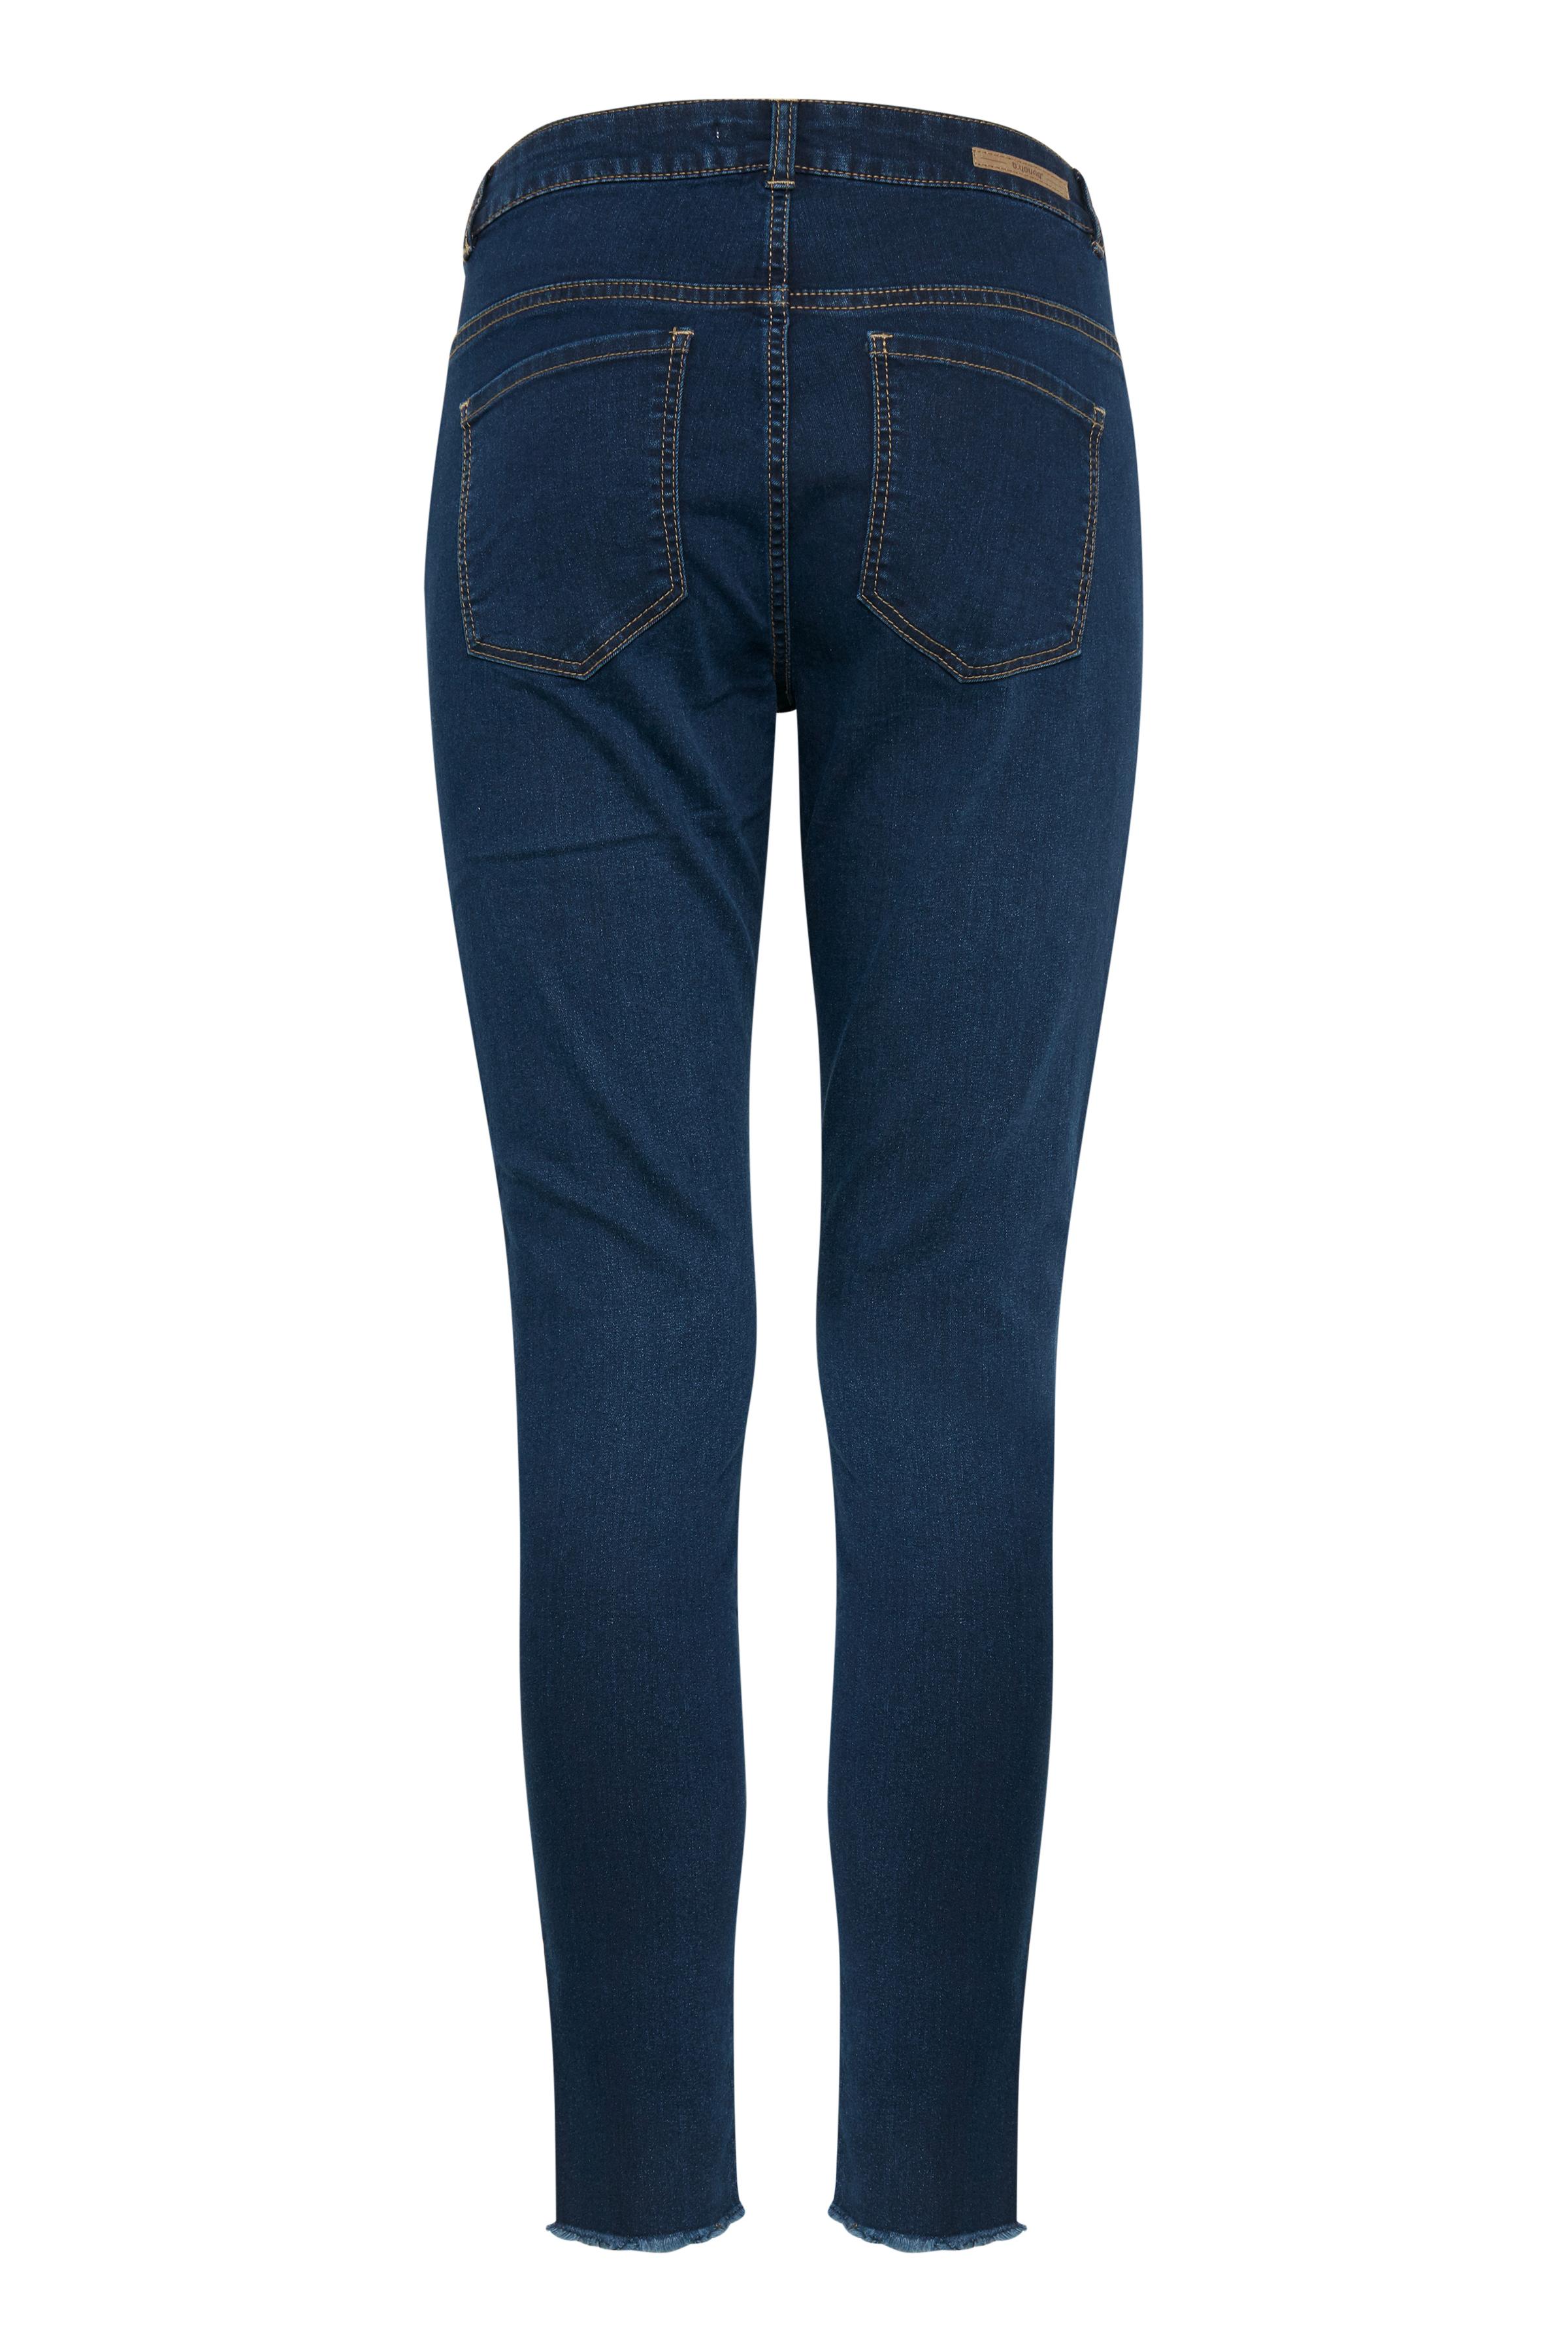 Blue Denim Jeans fra b.young – Køb Blue Denim Jeans fra str. 25-35 her